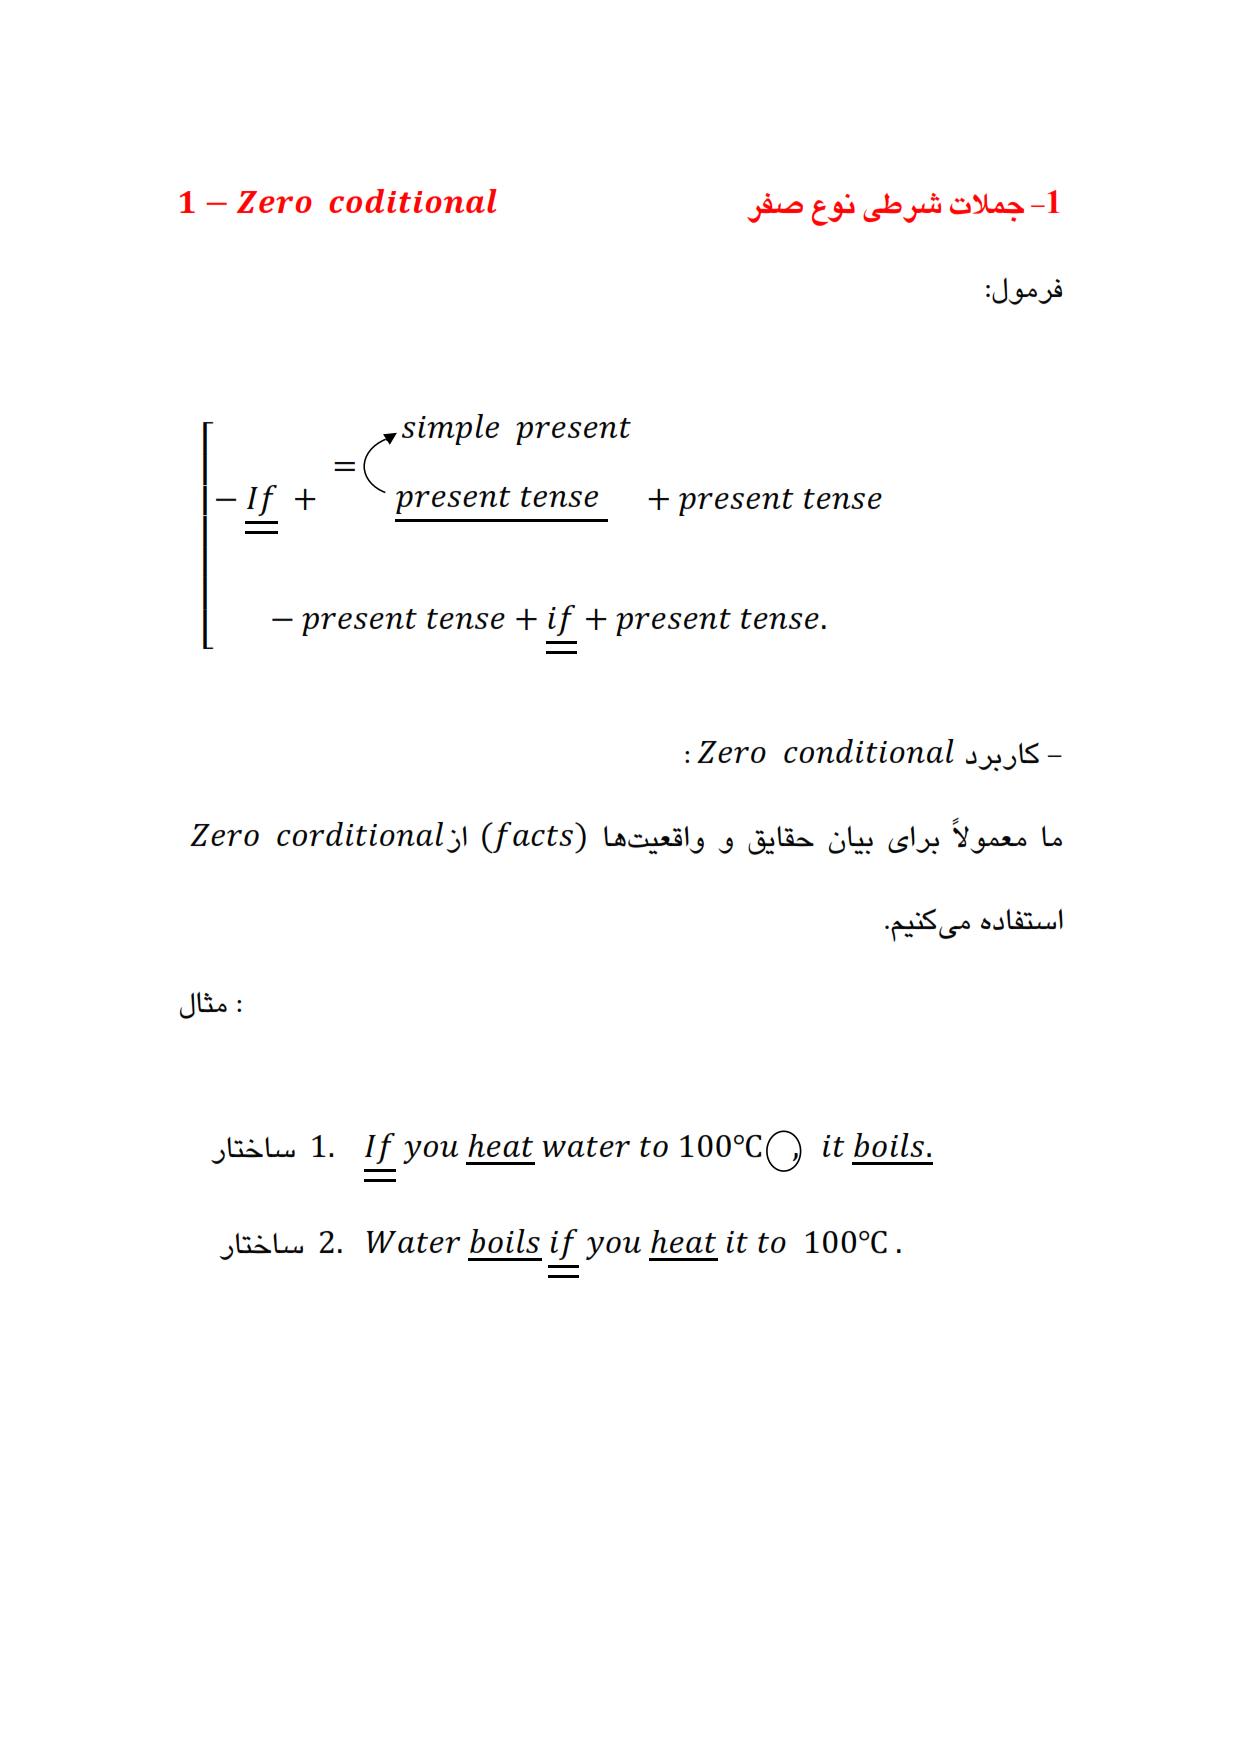 دانلود مجموعه آموزش کامل گرامر زبان انگیسی به زبان ساده و سریع همراه با مثال ها کتاب pdf کنکور دبیرستان دوازدهم یازدهم